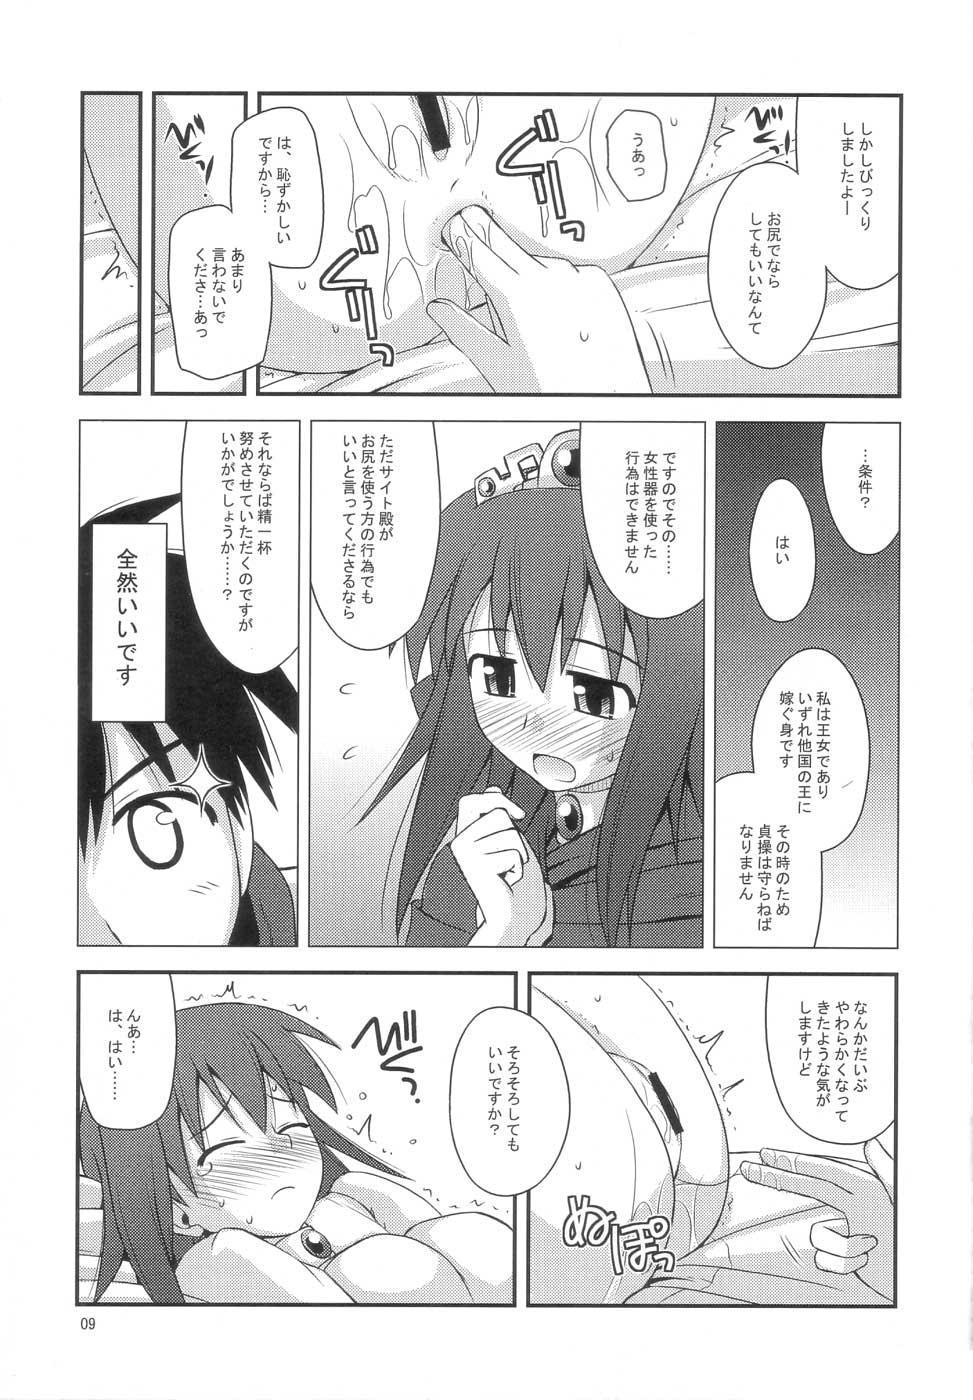 Himesama Rendez-vous 7